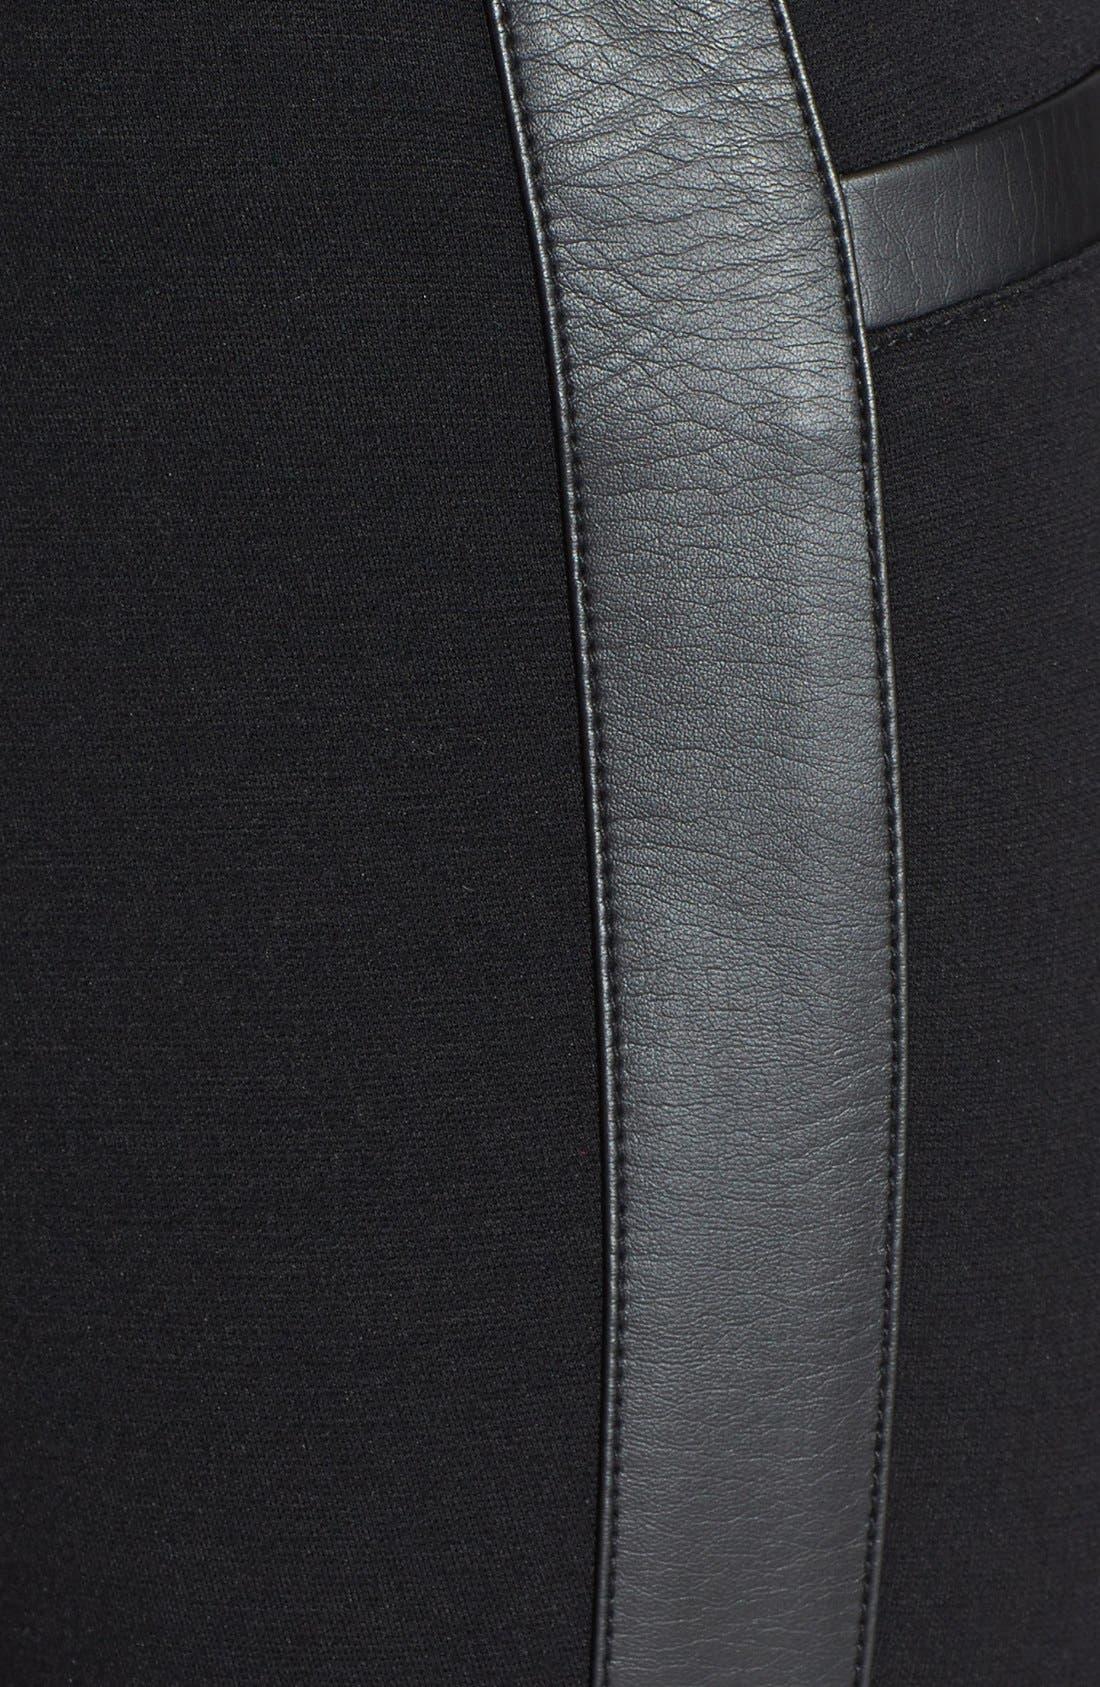 Faux Leather Trim Ponte Pants,                             Alternate thumbnail 3, color,                             Black